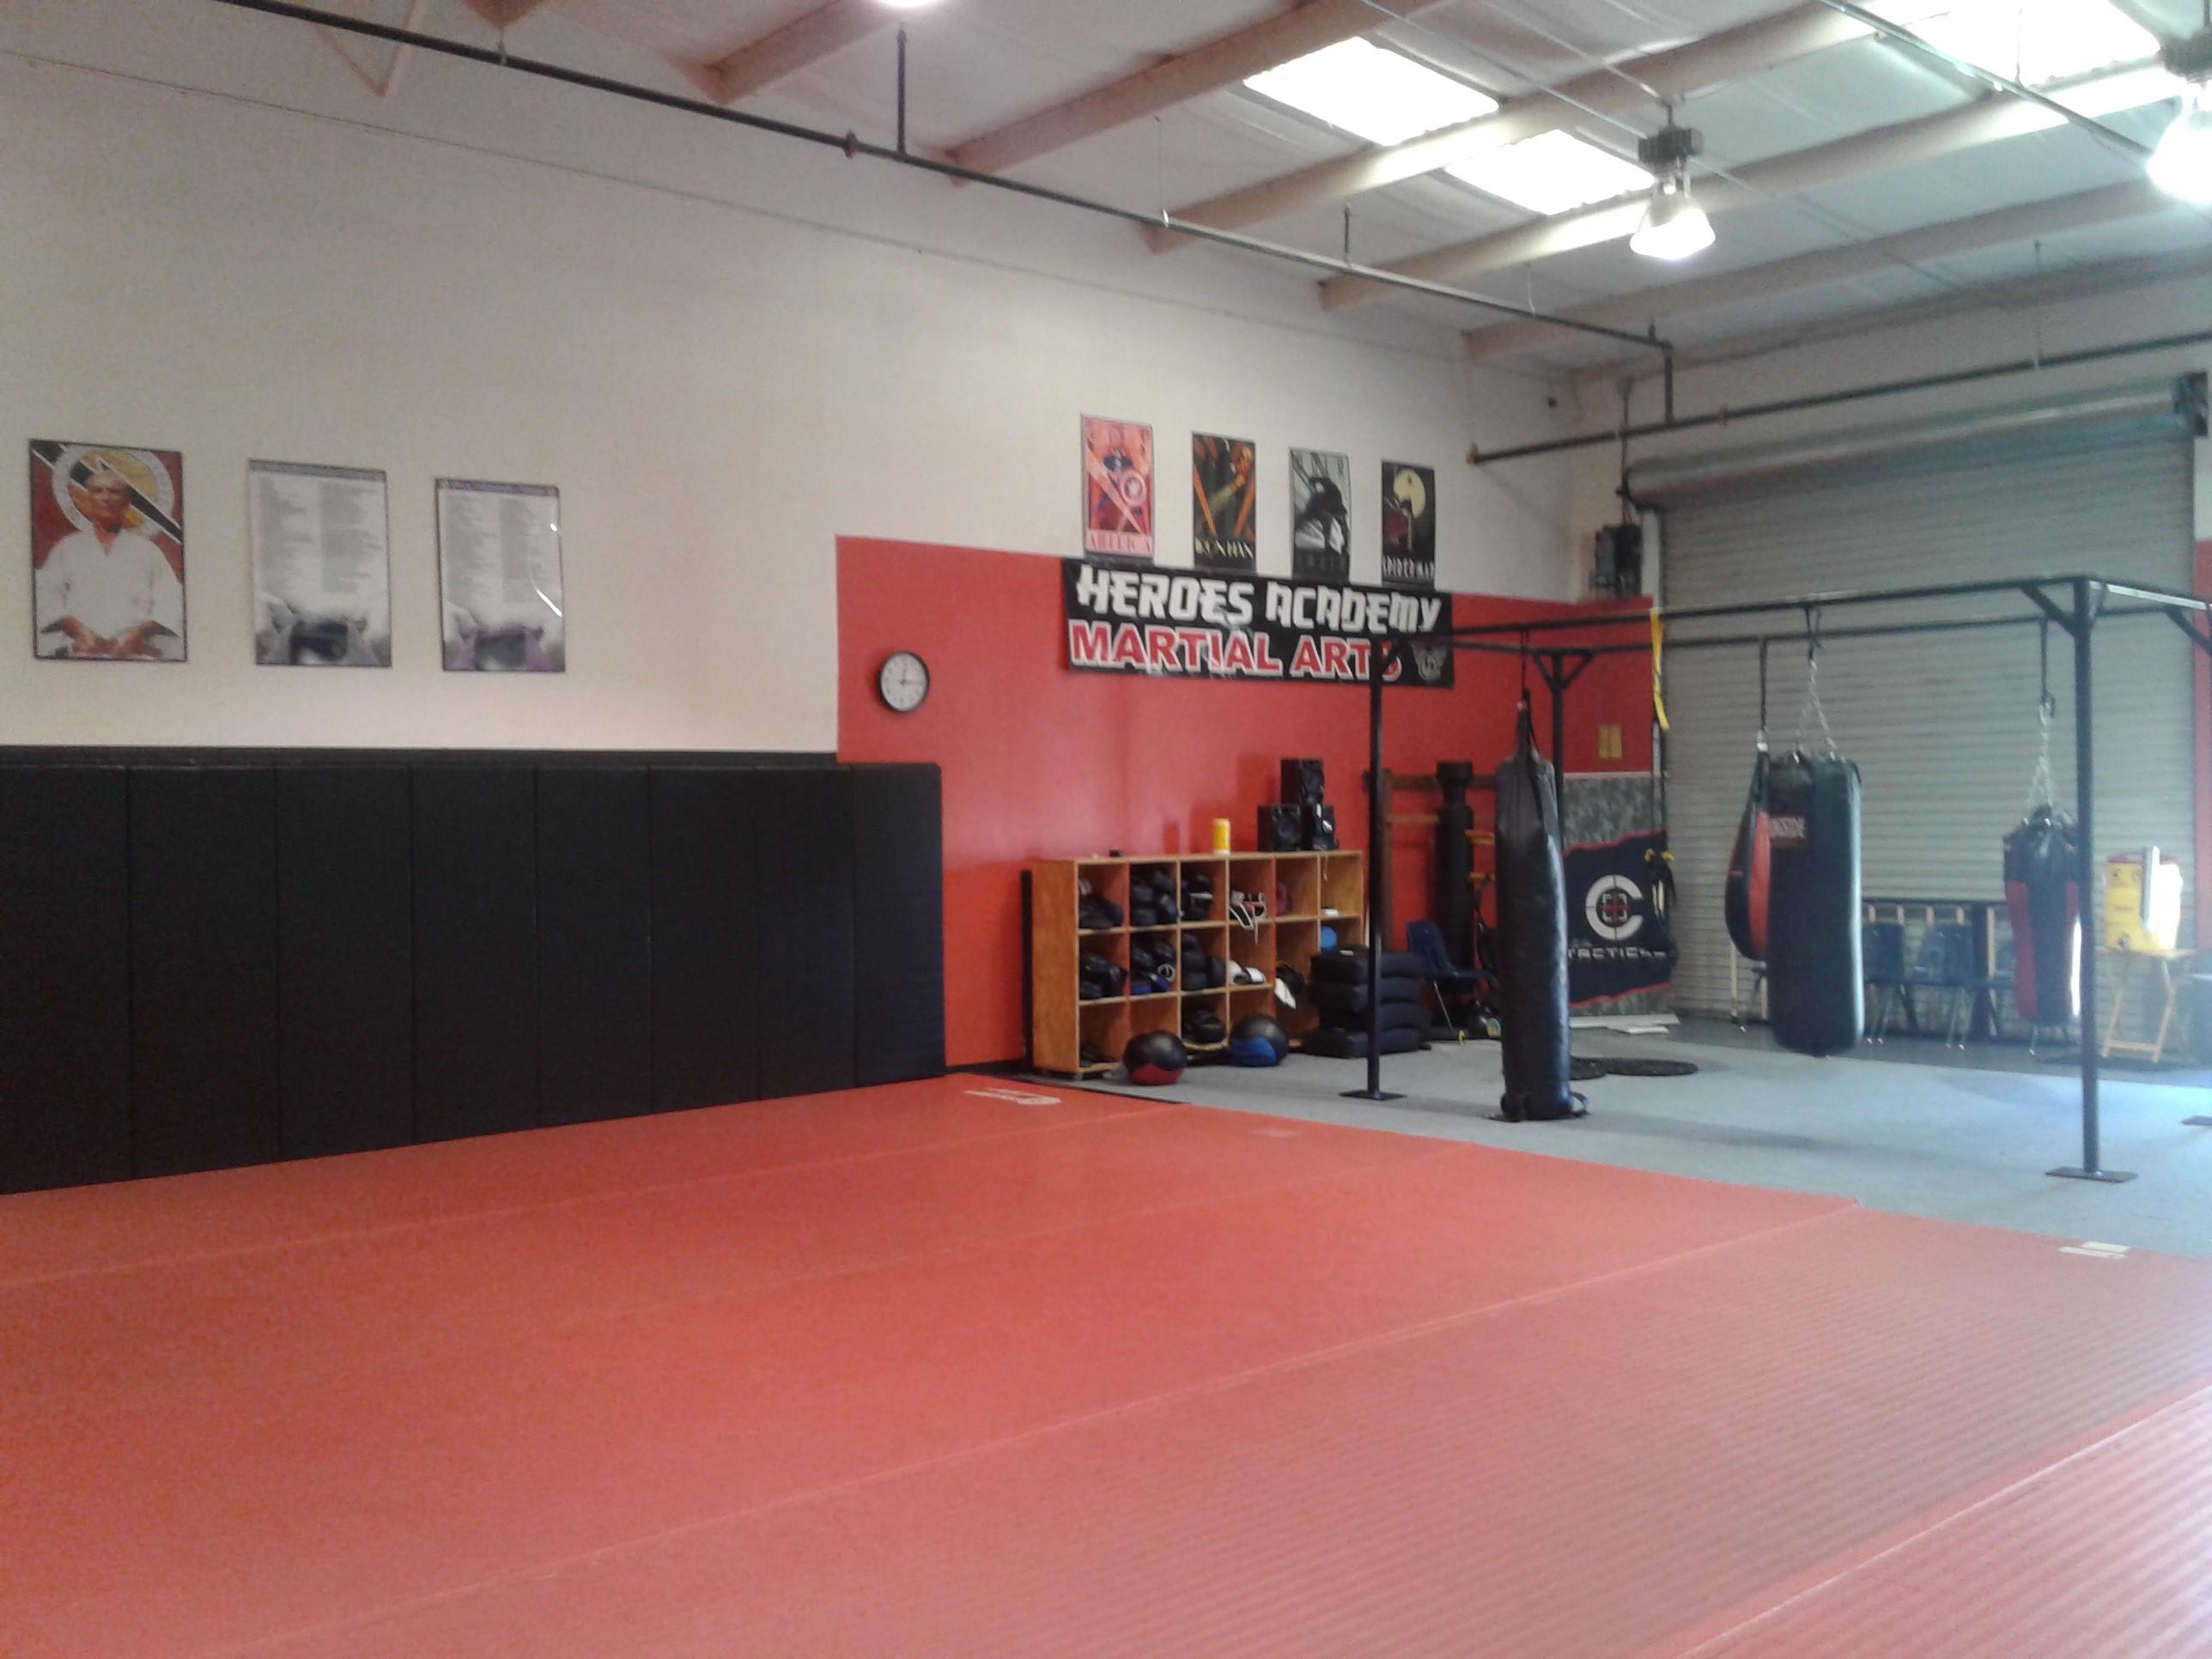 Heroes Martial Arts Academy